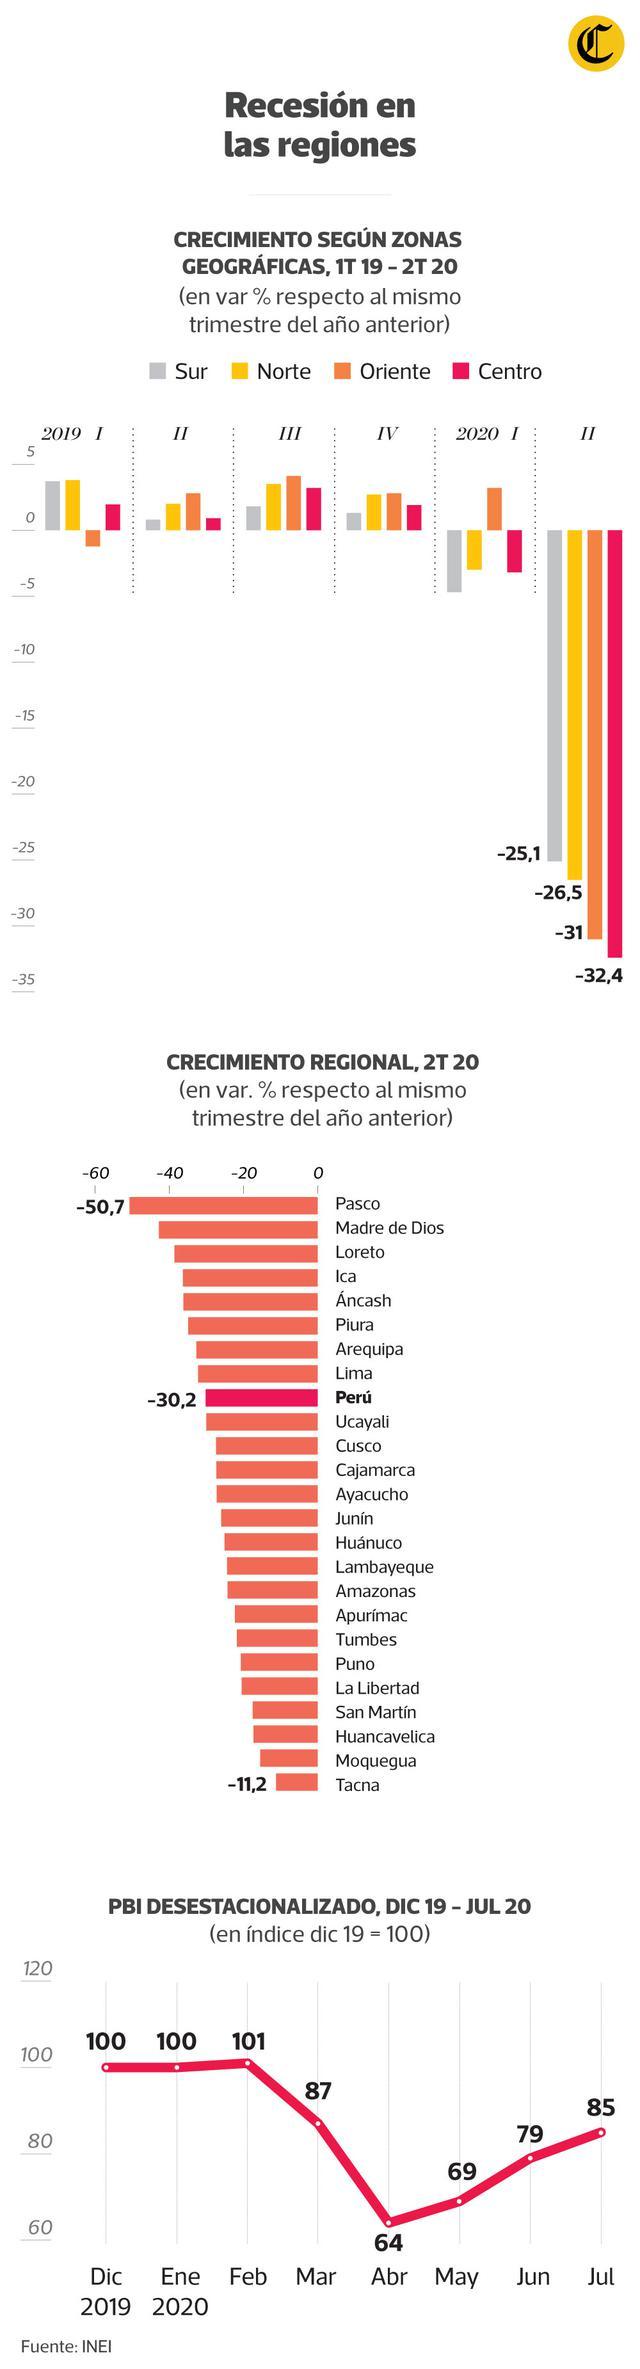 Recesión en las regiones. (Infografía: El Comercio)